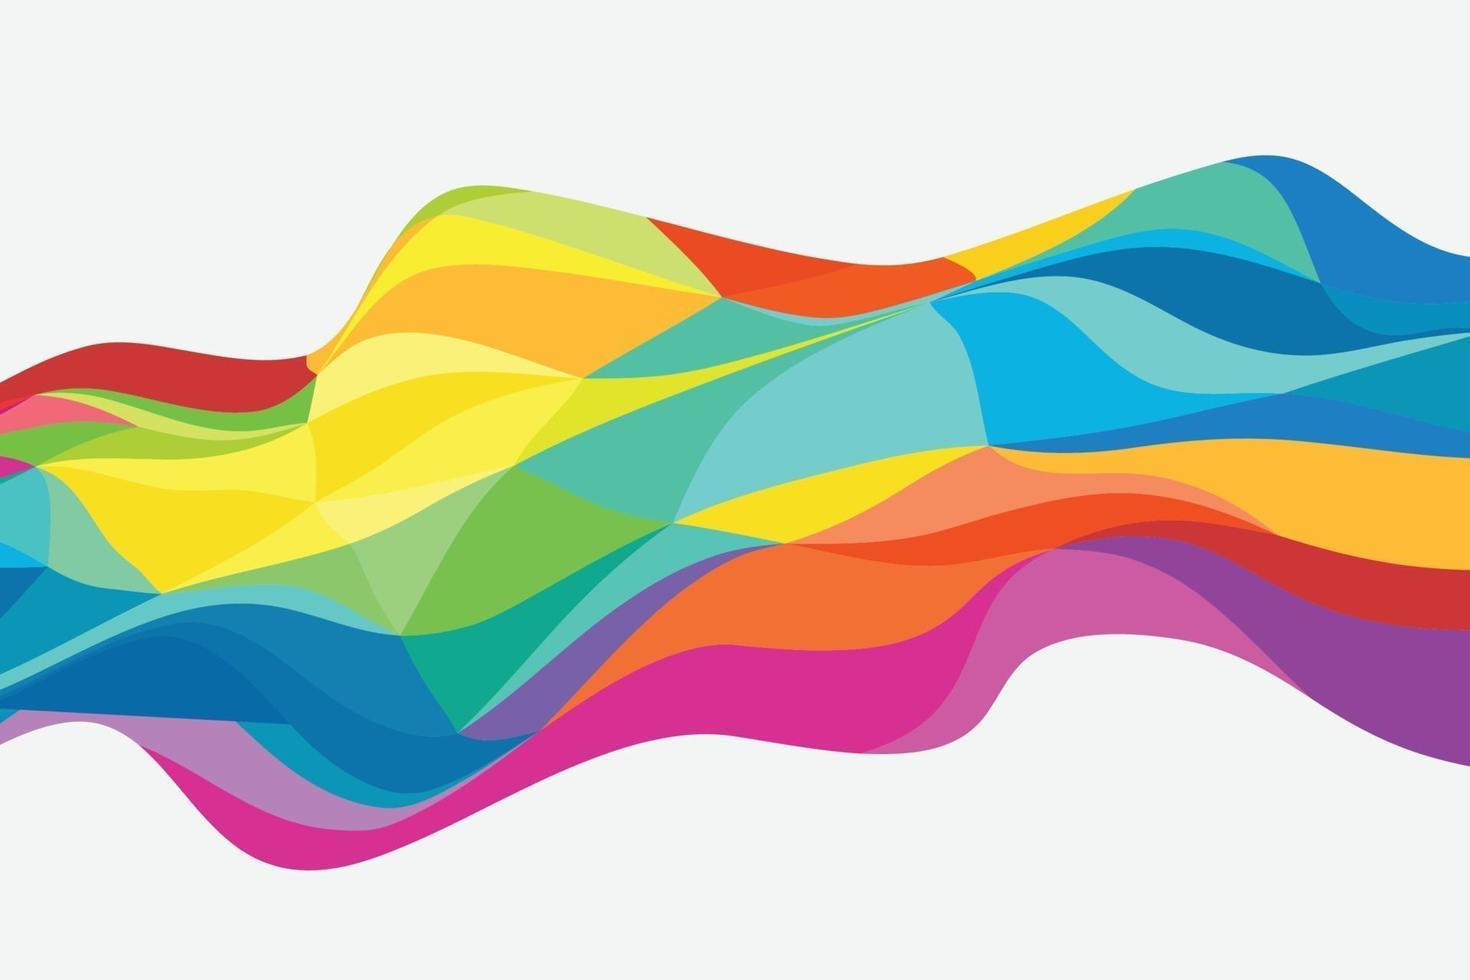 abstrakt färg polygon design mönster konstverk bakgrund. illustration vektor eps10